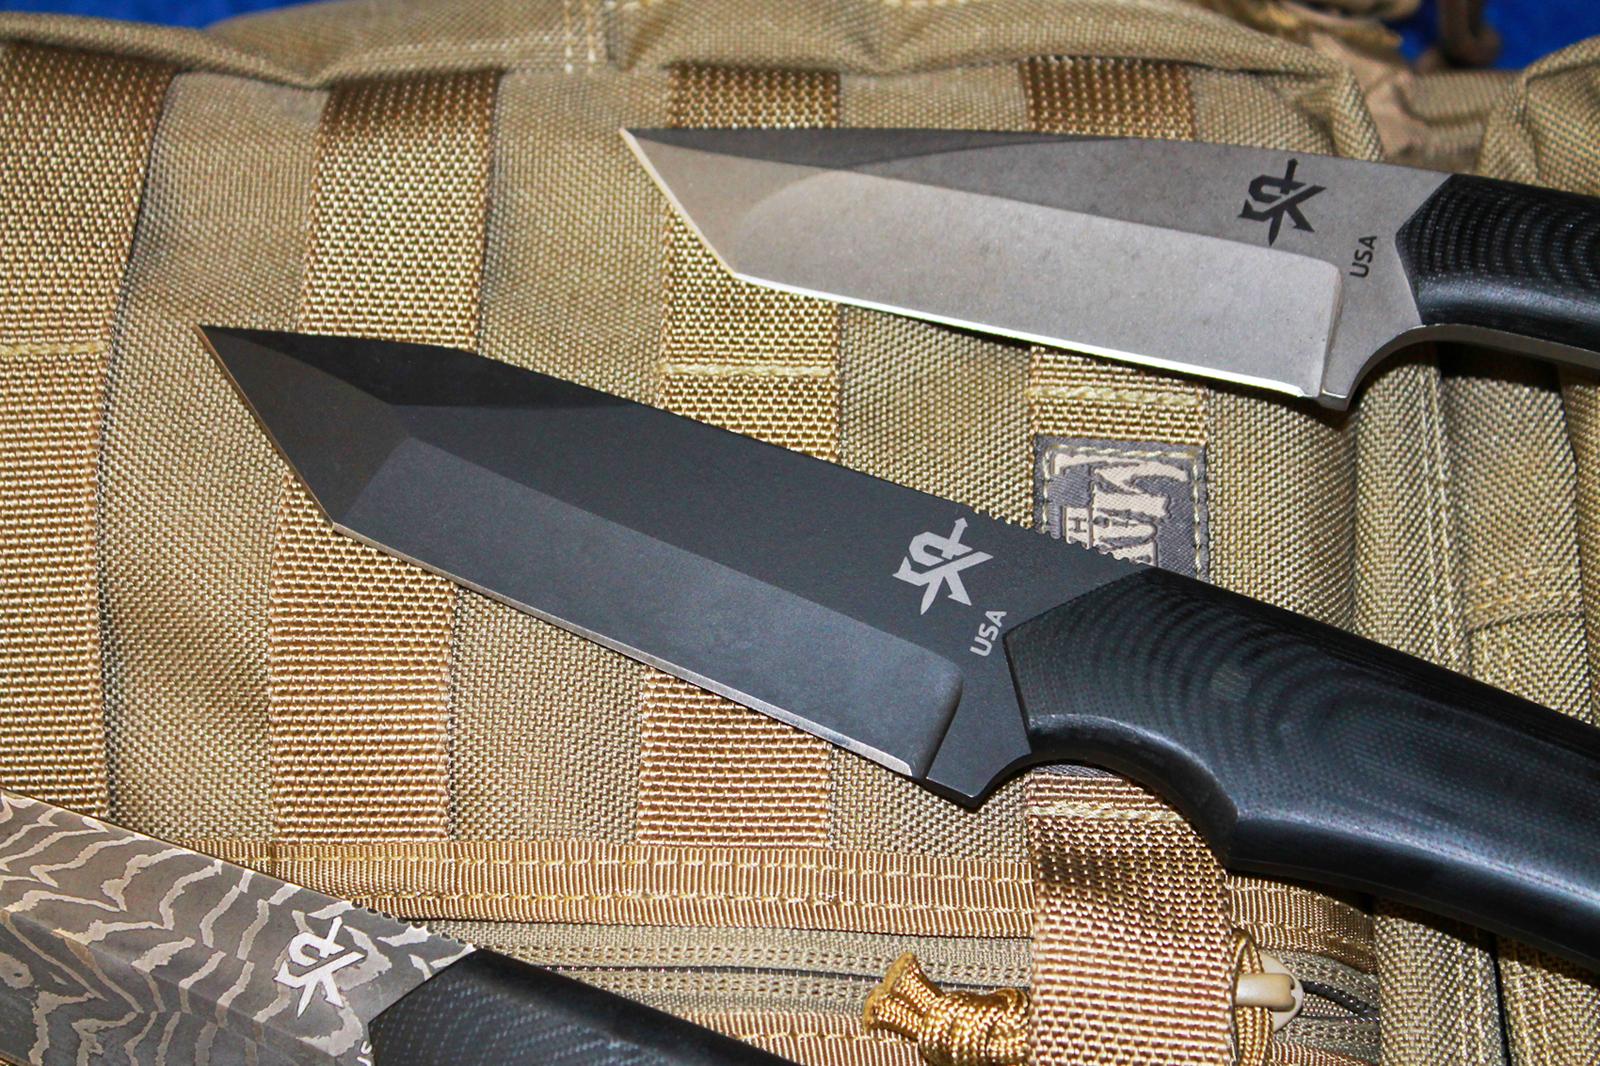 Schenk Knives blades